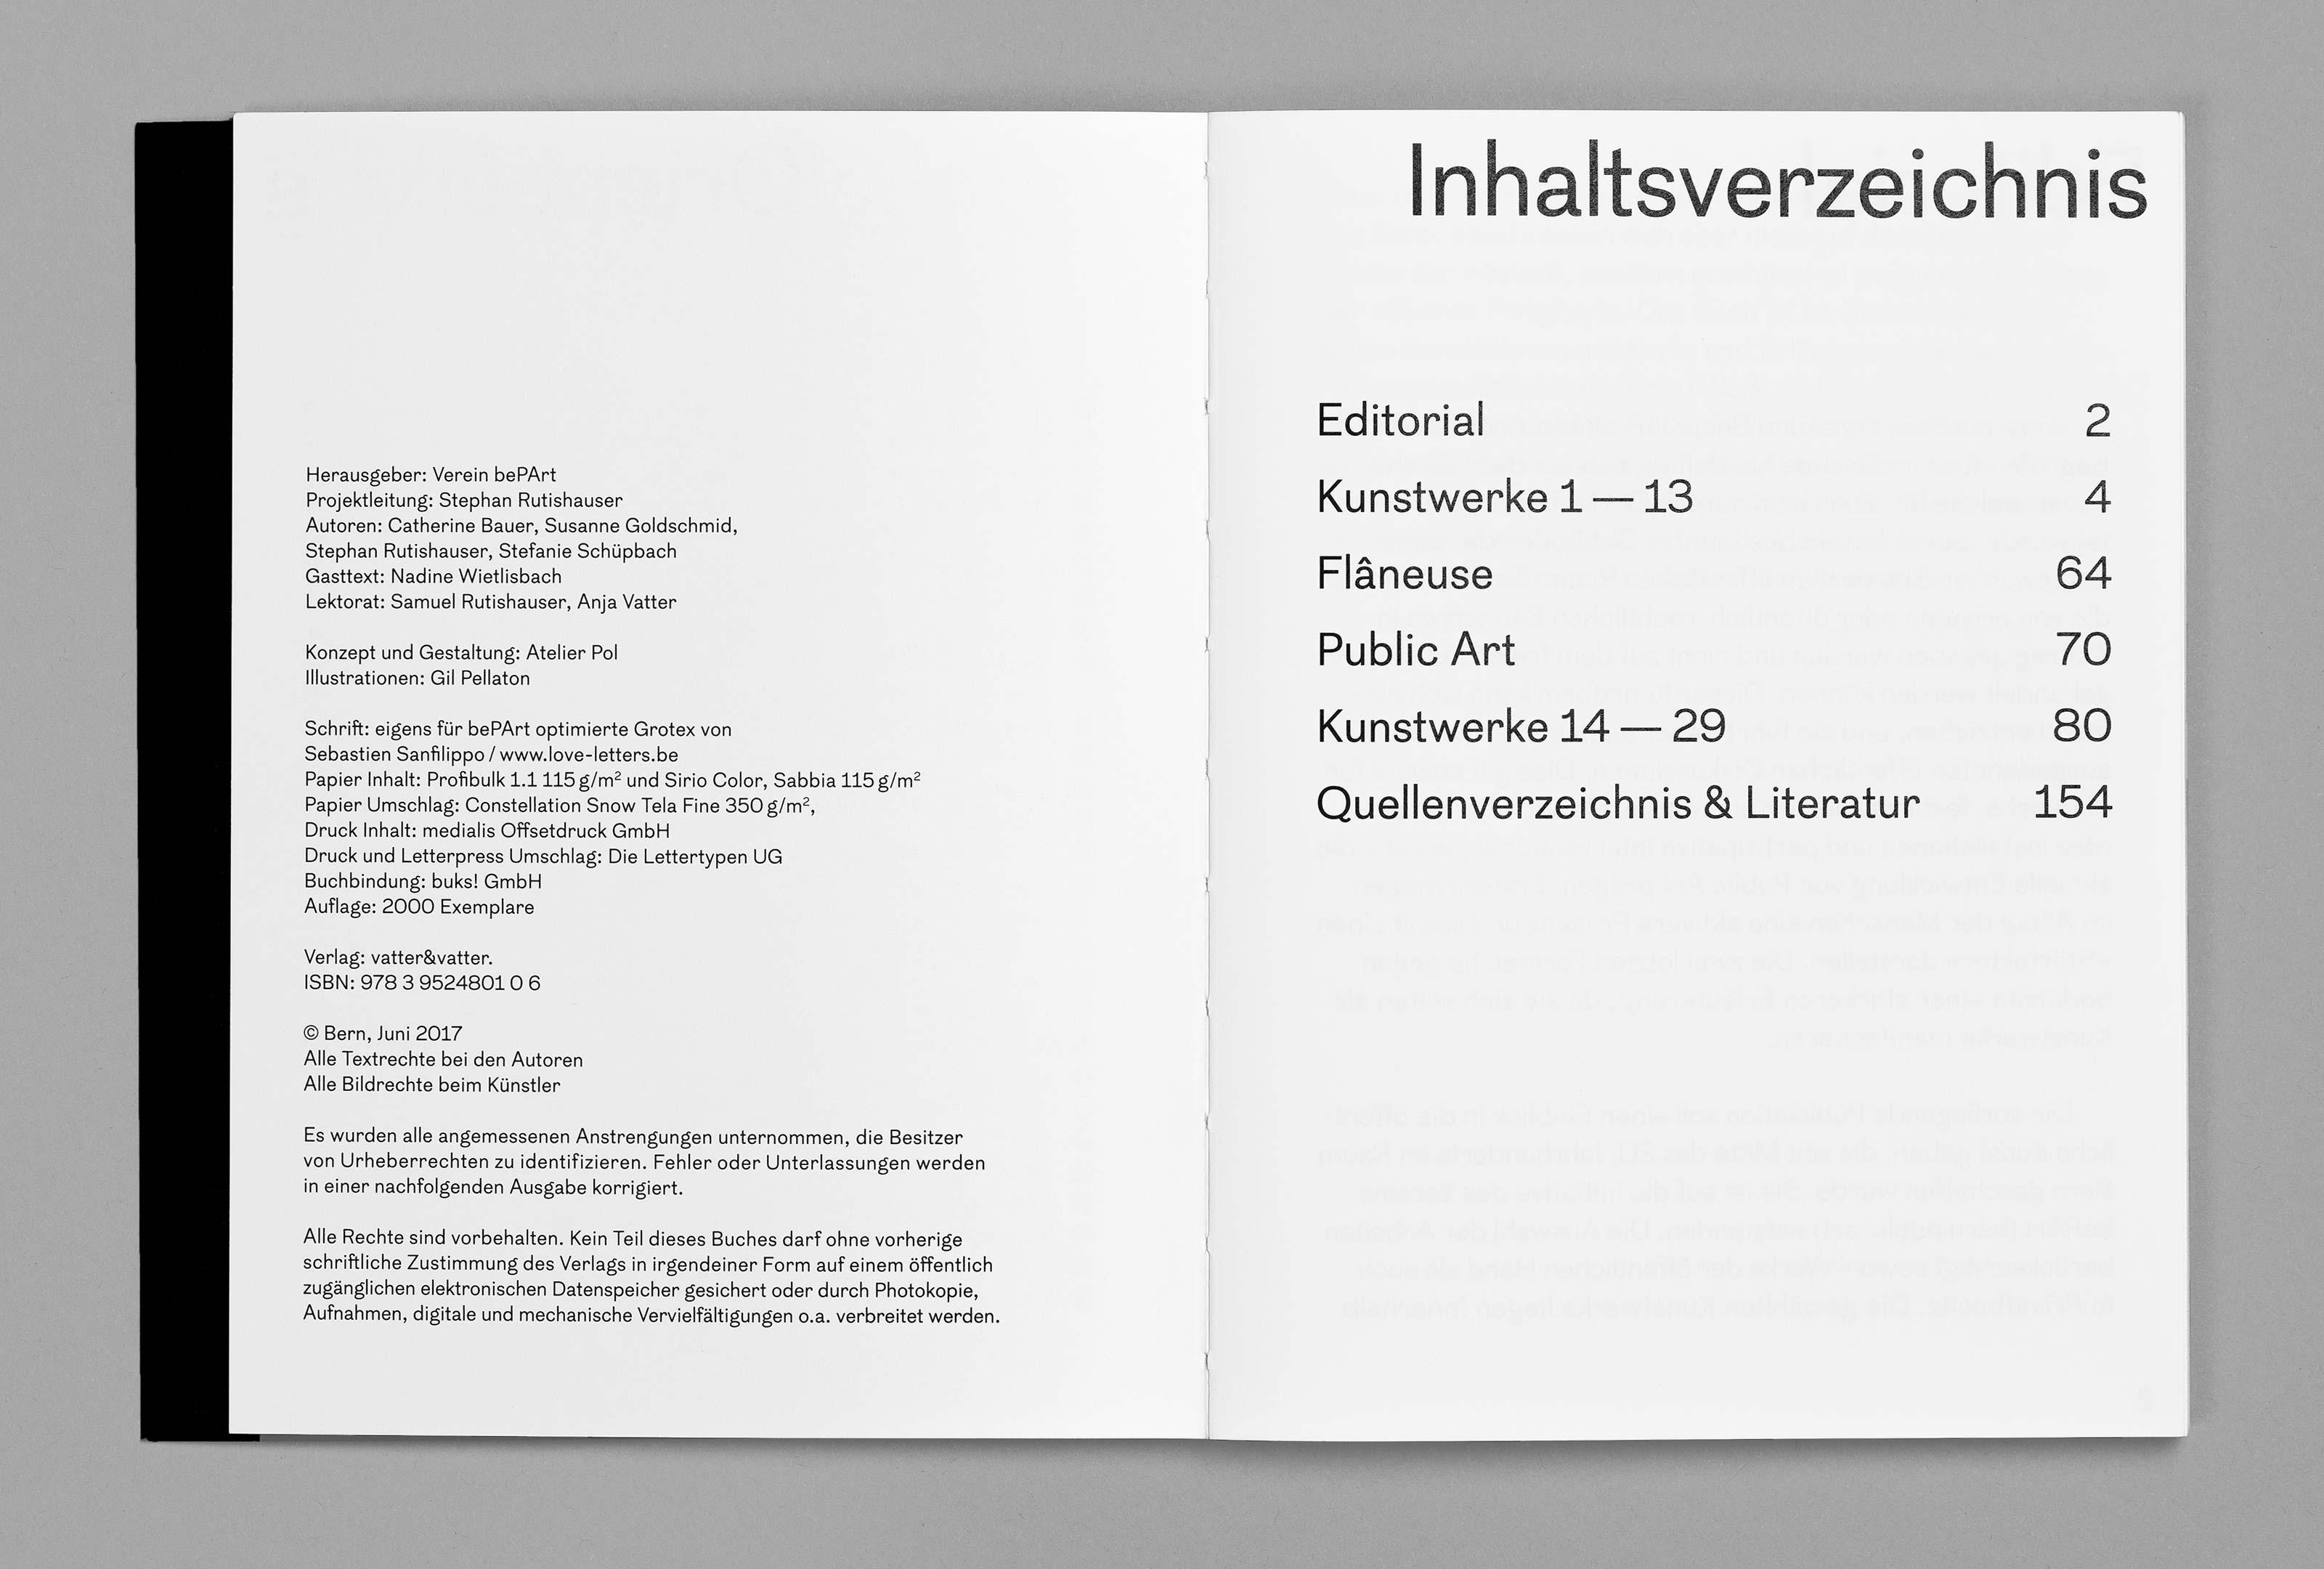 bePArt – Kunst im öffentlichen Raum Bern, spreads colophon-content ©Atelier Pol × Barbara Hess